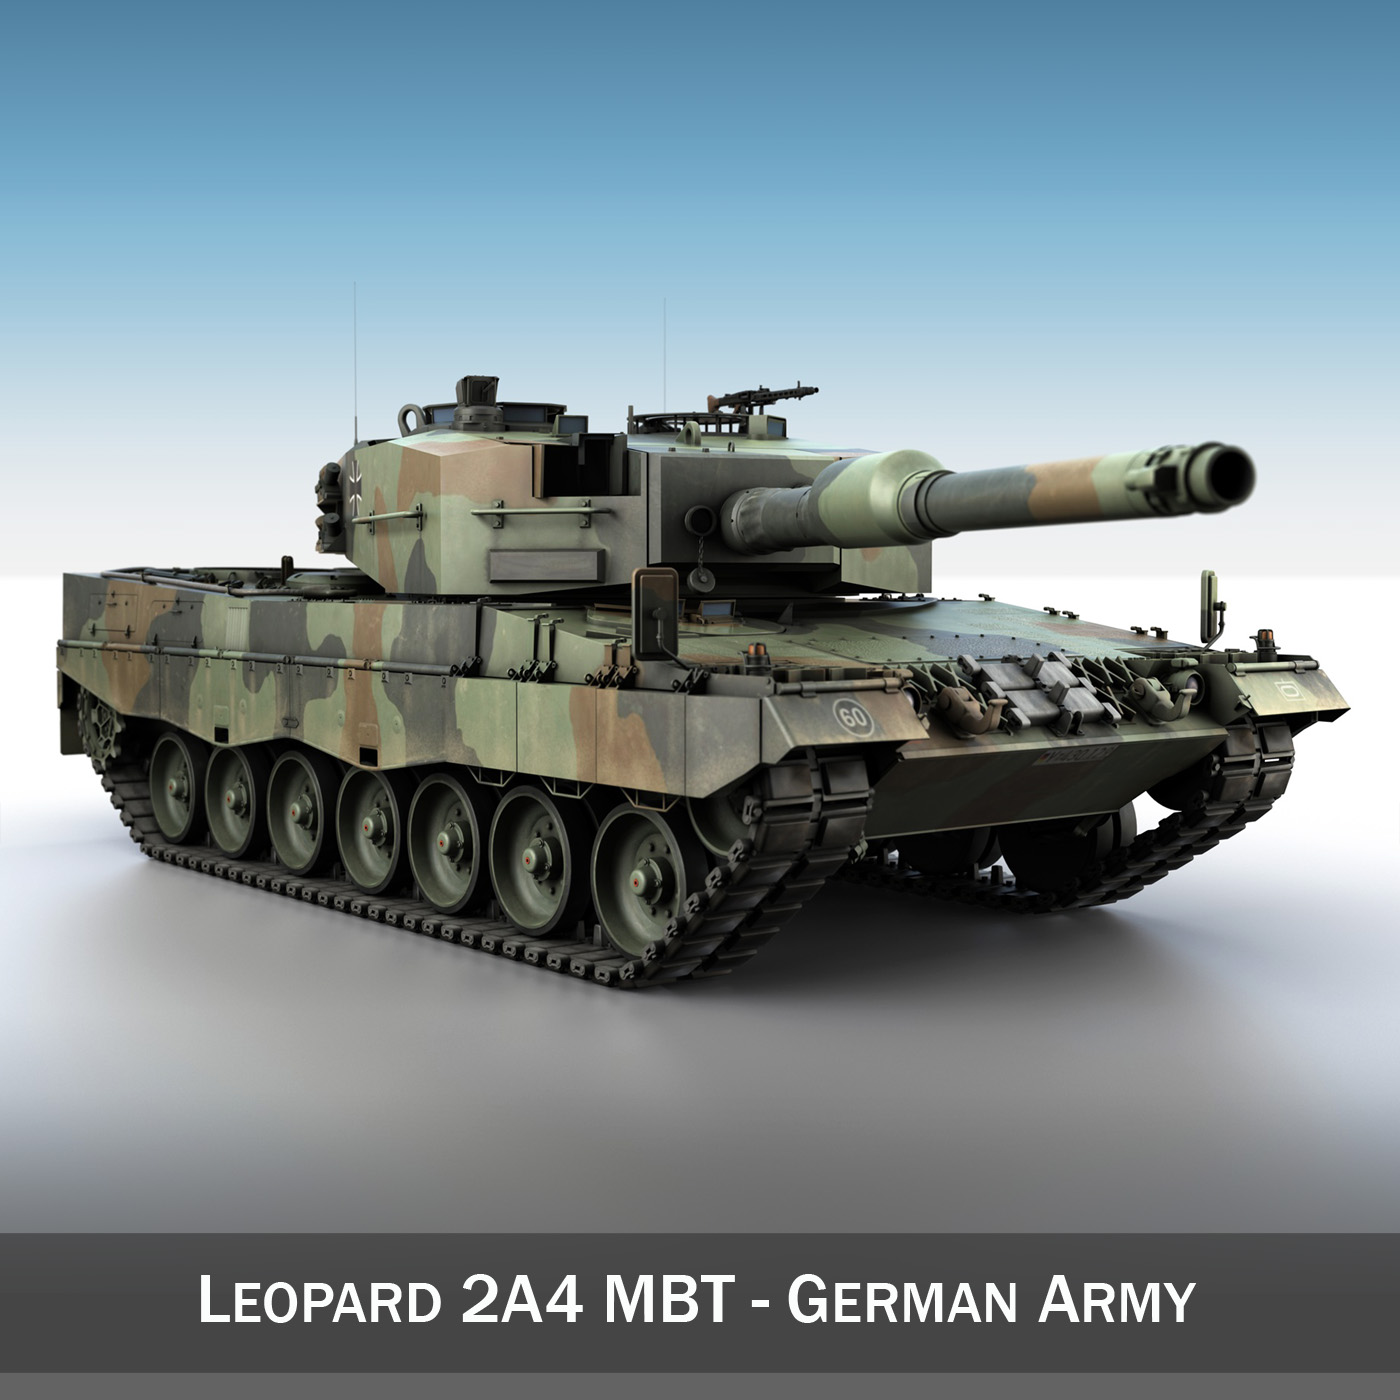 Liopard 2a4 mbt 3d model 3ds fbx c4d lwo obj 280388